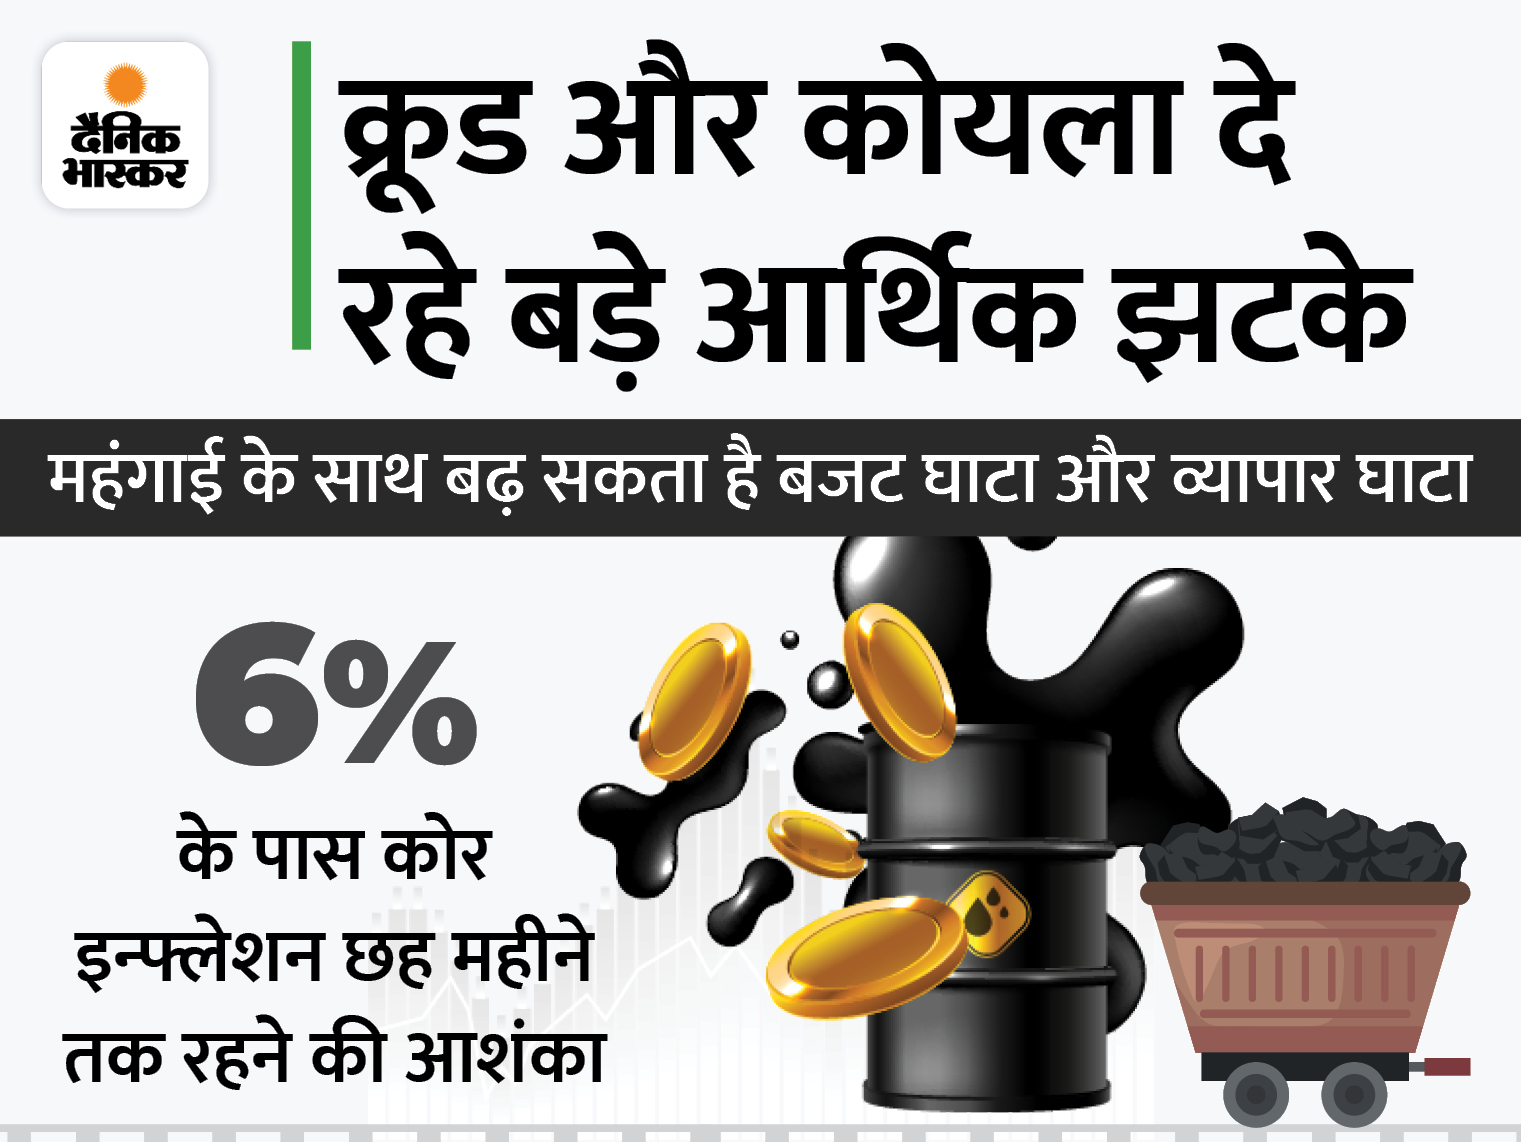 क्रूड और कोयला दे सकते हैं देश को दोहरा झटका; बढ़ा सकते हैं महंगाई, ग्रोथ में अटका सकते हैं रोड़ा|बिजनेस,Business - Dainik Bhaskar